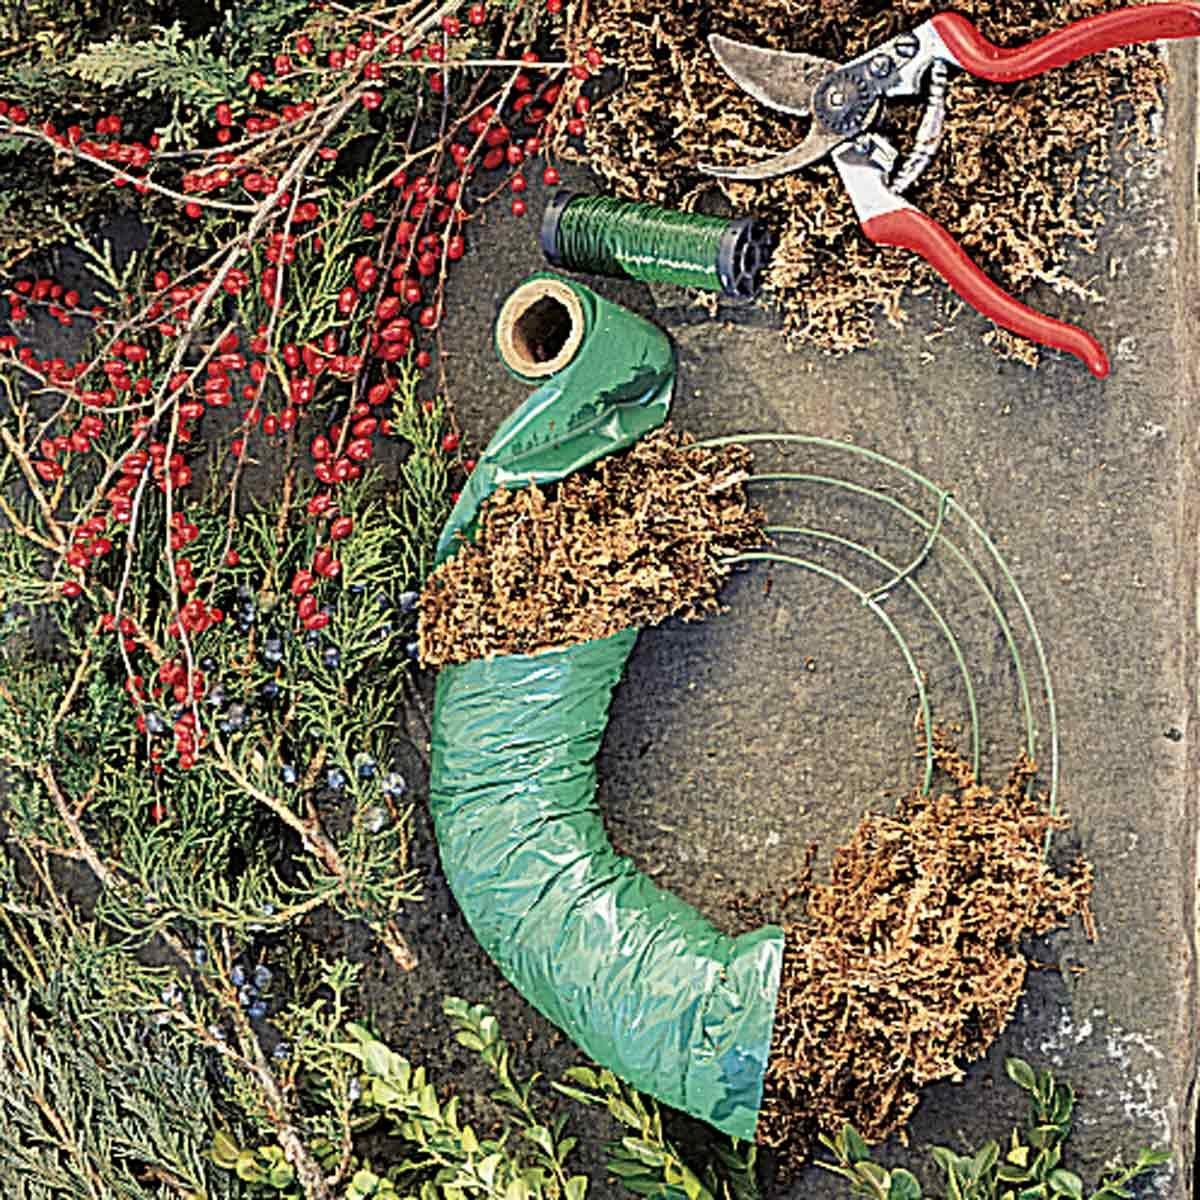 BL10470C33A making a wreath